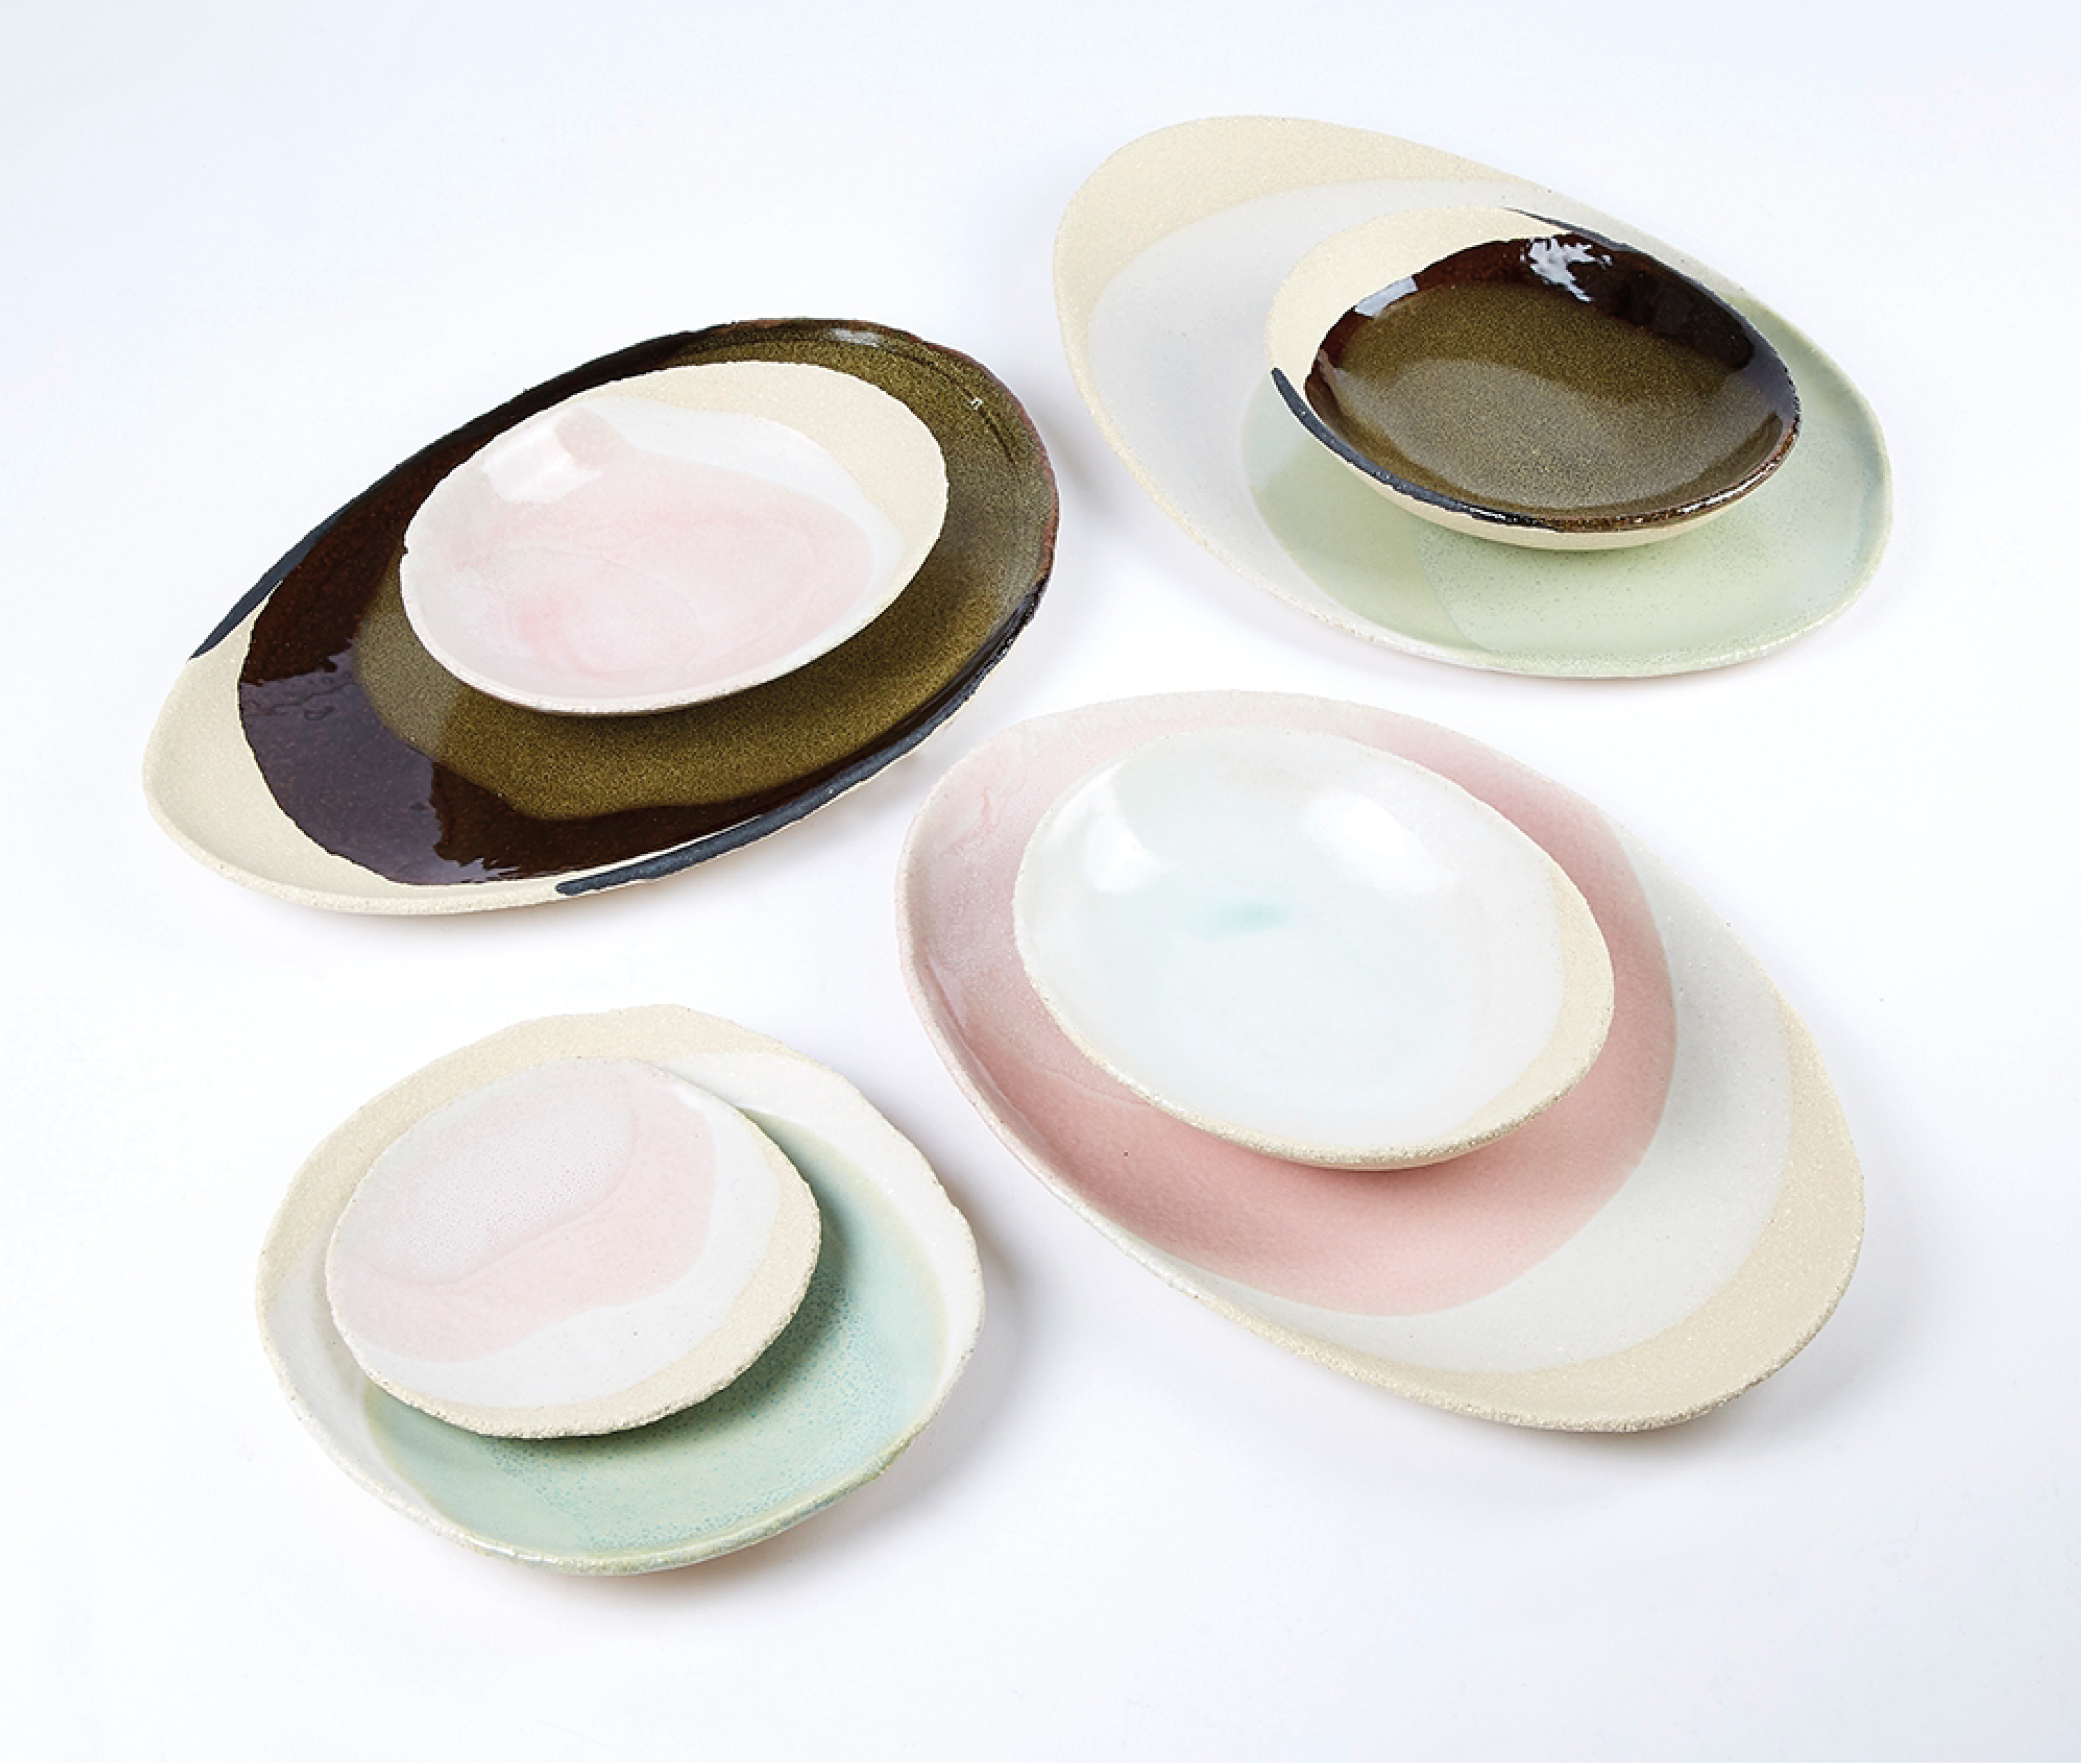 Assiette Ronde En Ceramique Wabi Ceramique Decoration Assiette Petites Assiettes